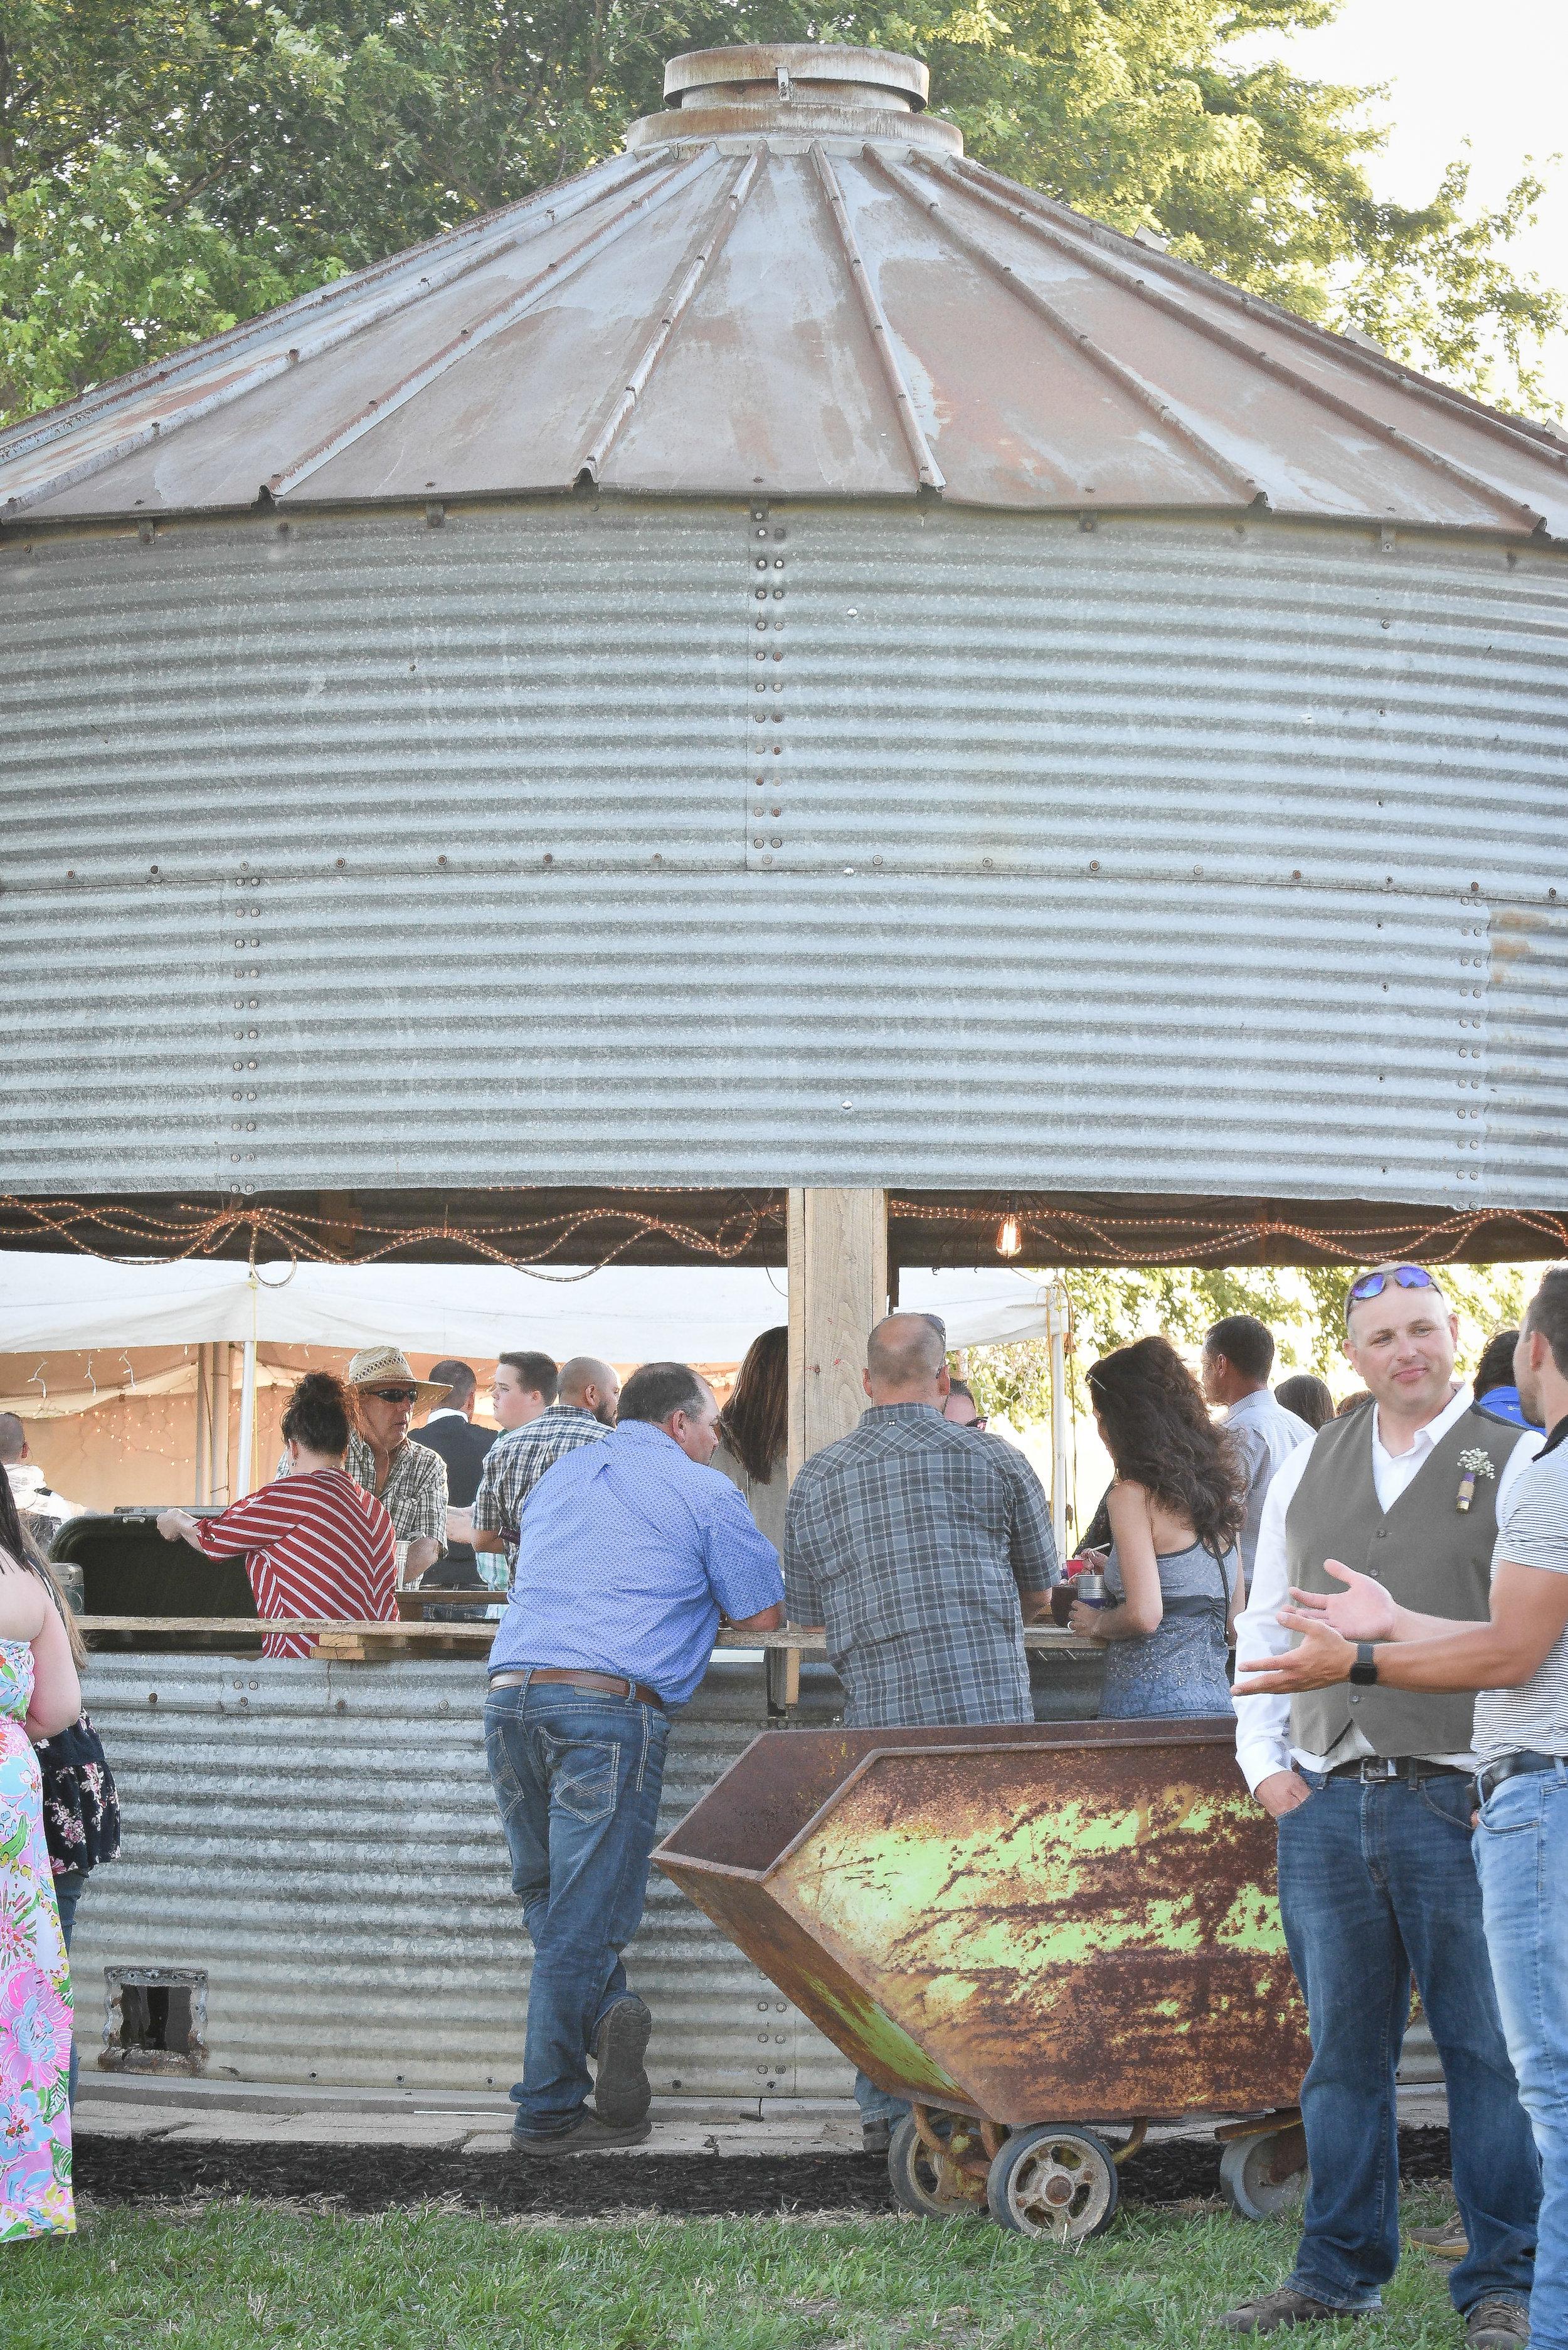 Central Illinois Backyard Wedding Grain Bin Bar